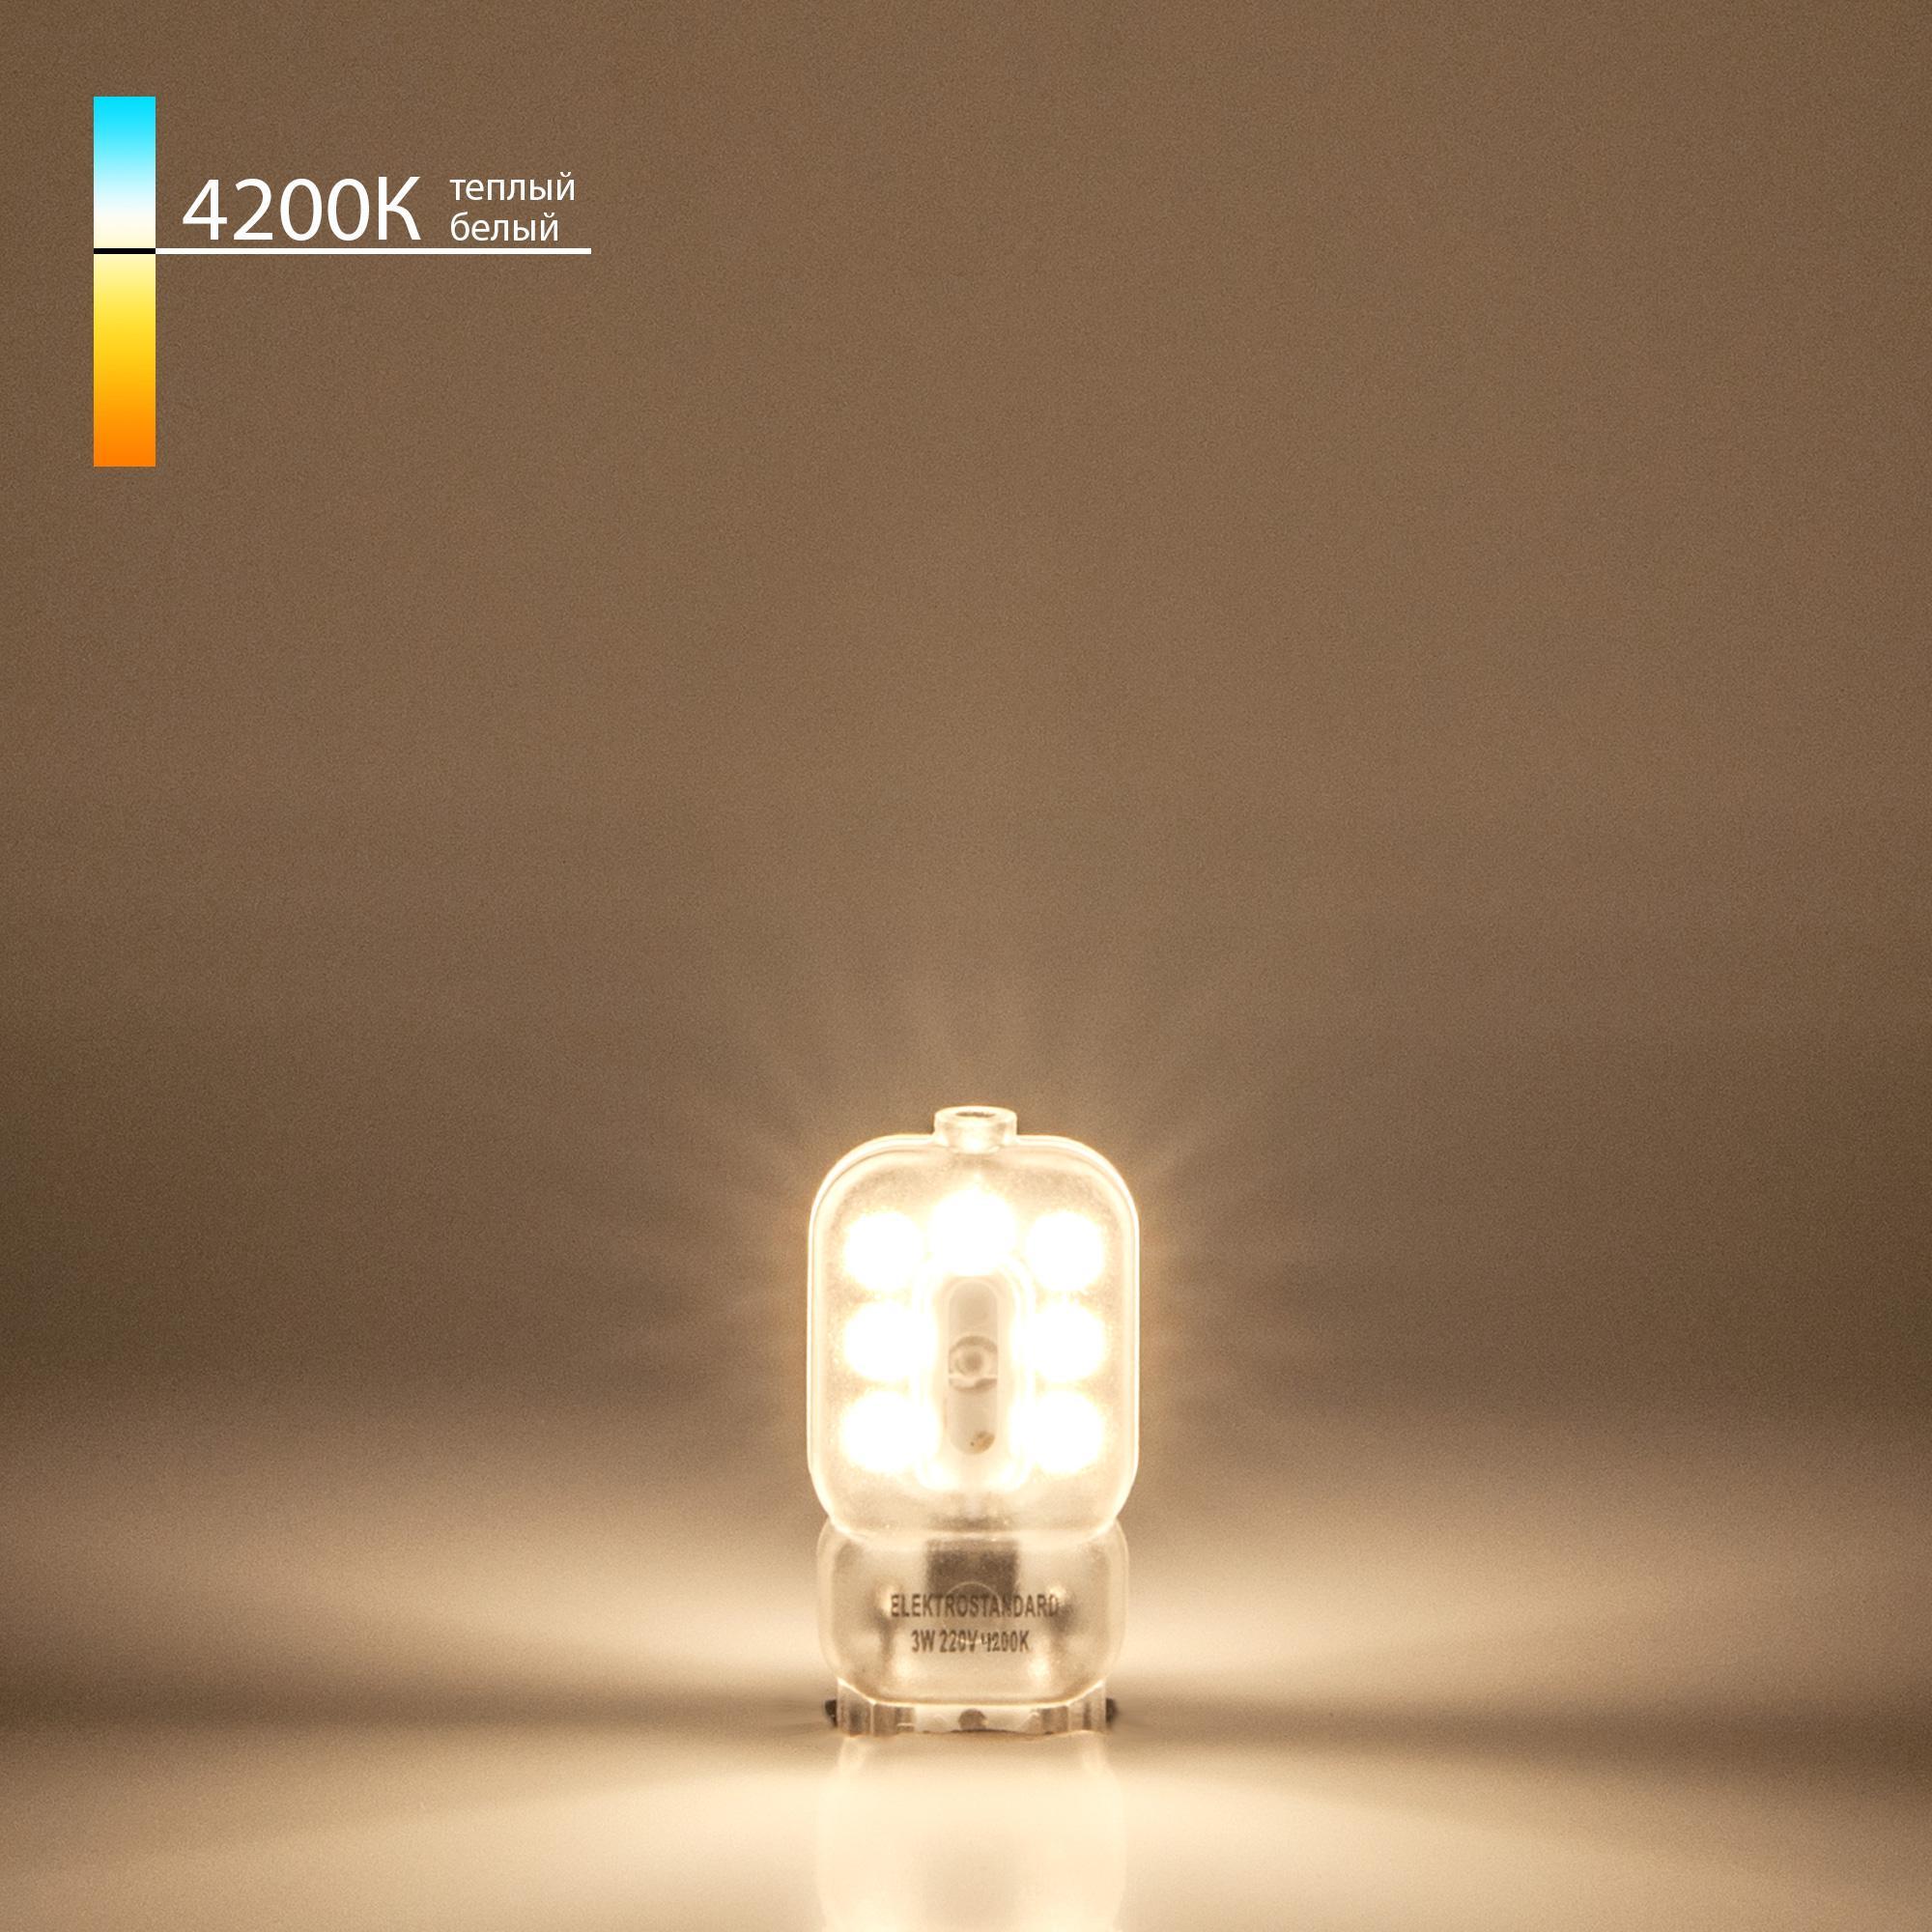 G9 LED 3W 220V 4200K